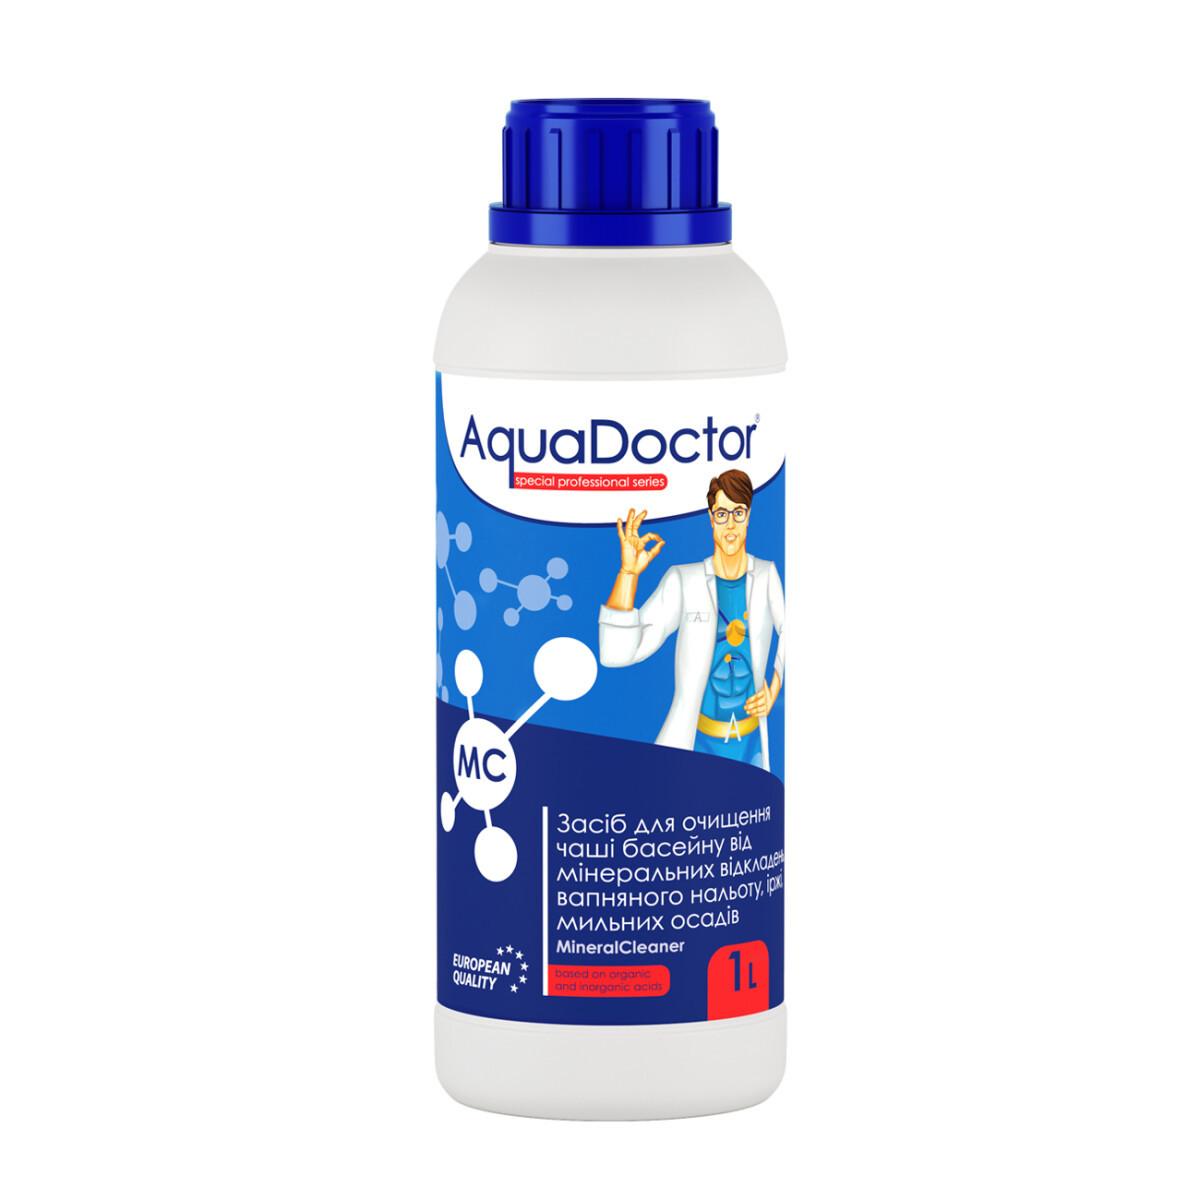 AquaDoctor MC MineralCleaner 1 л.